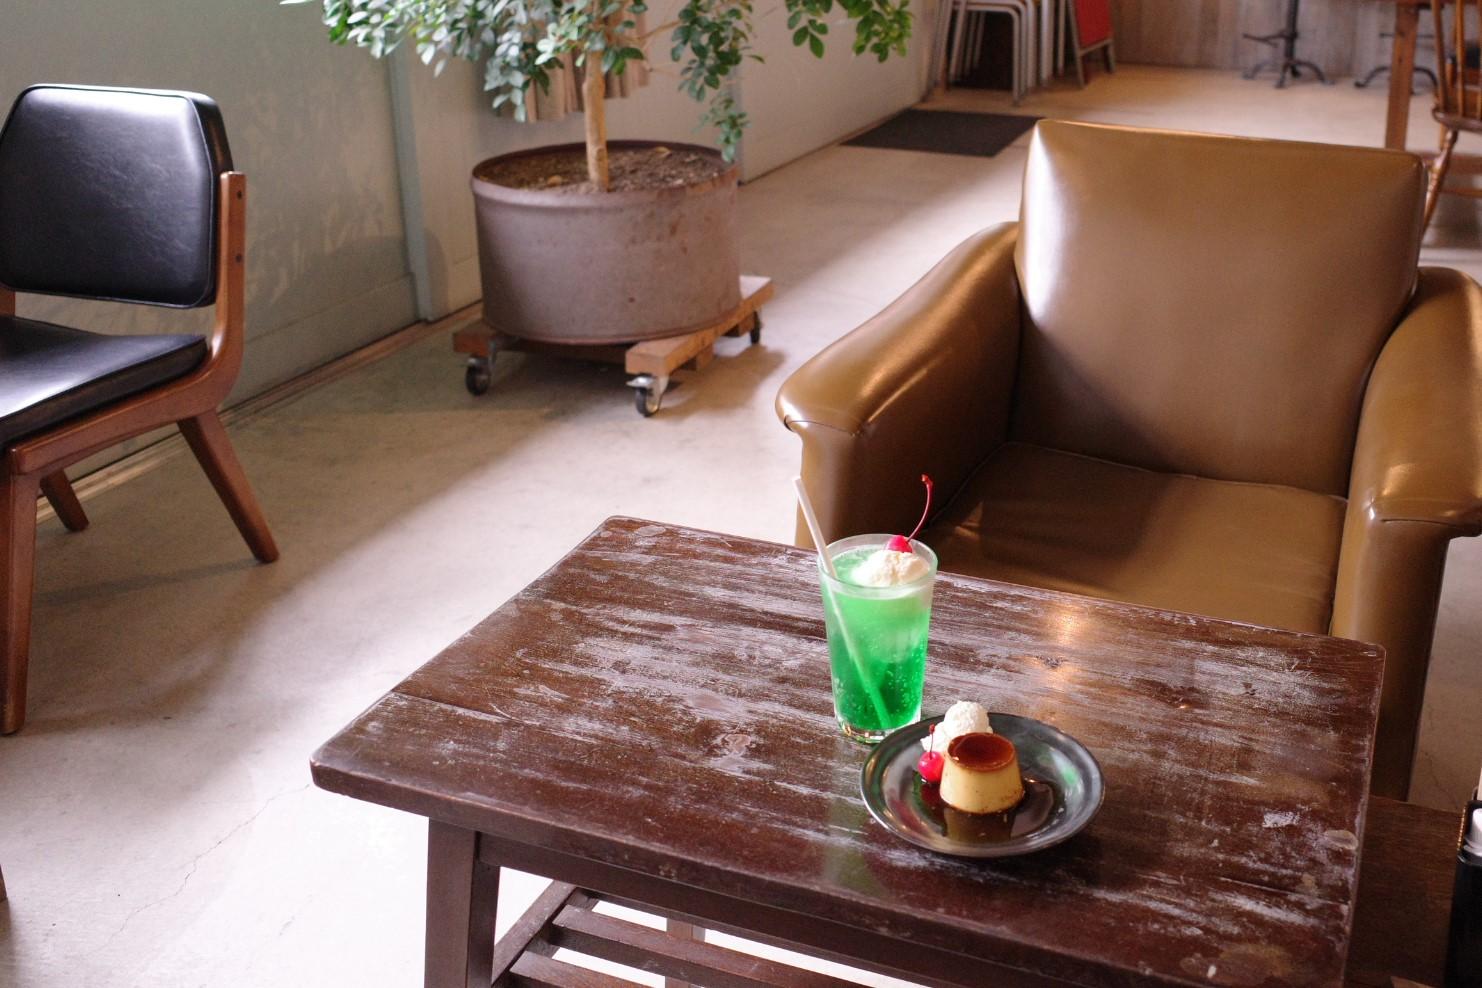 クリームソーダ580円と一緒に注文するお客さんが多い。